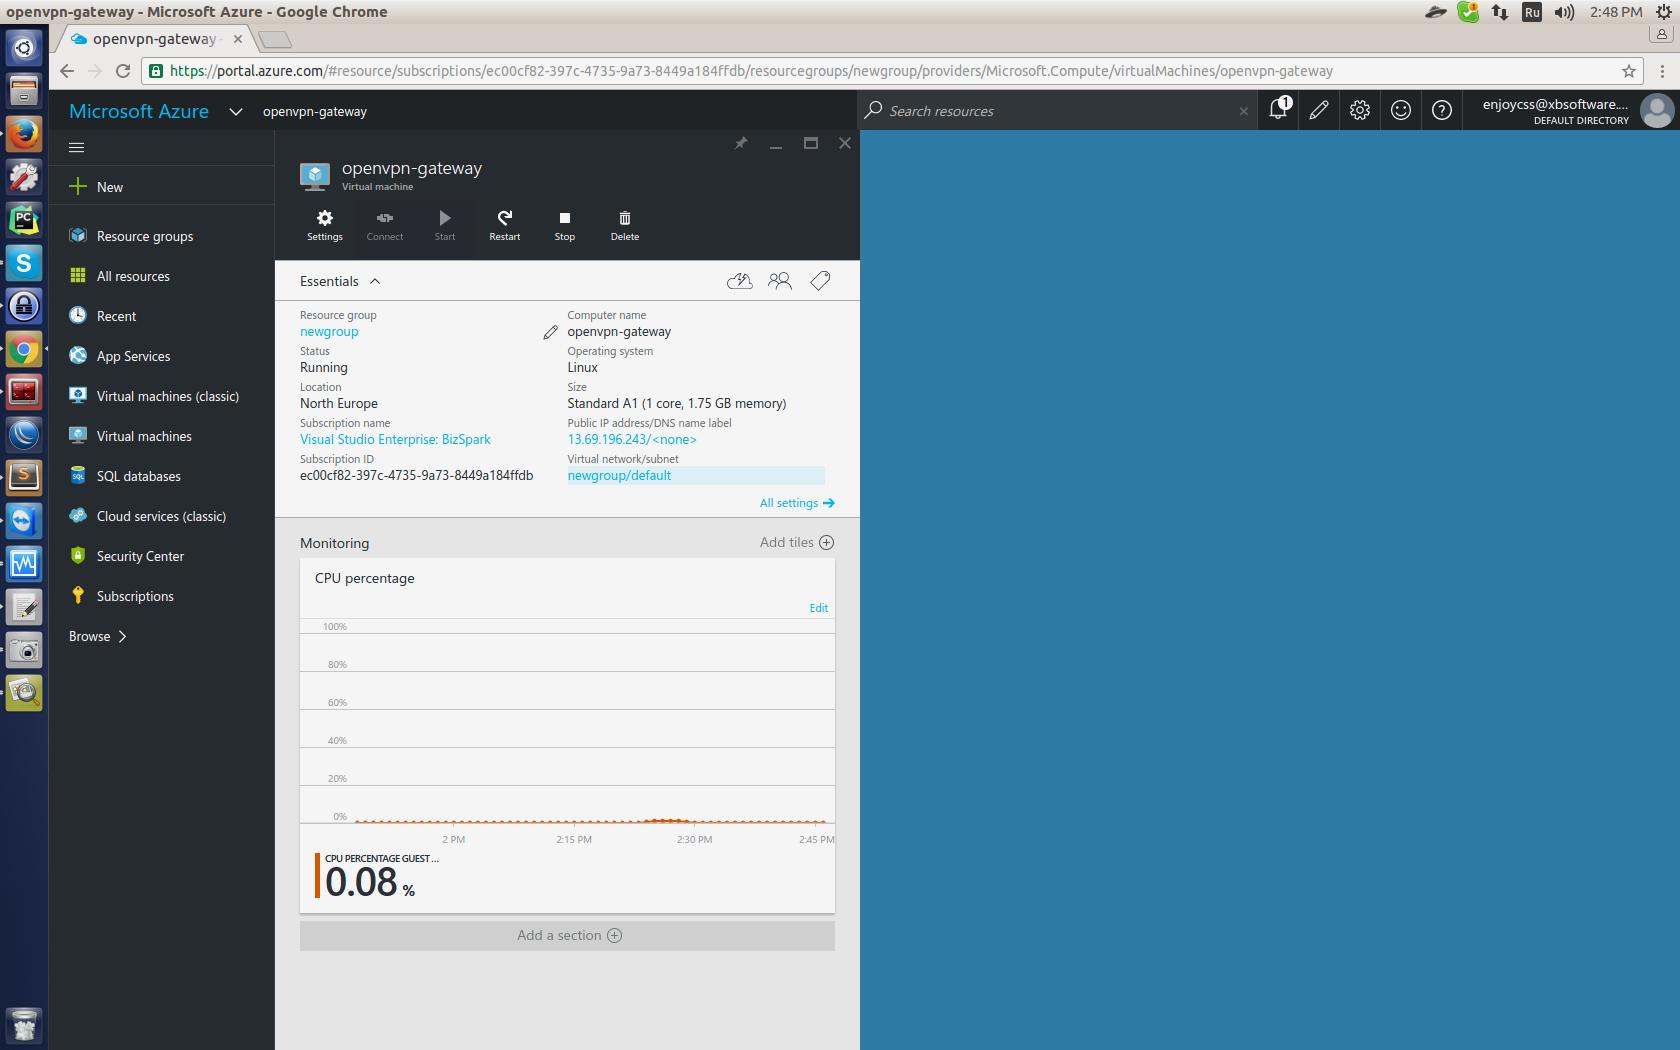 OpenVPN в Microsoft Azure для виртуального объединения подписок. Опыт GanttPRO — сервиса для управления проектами - 7